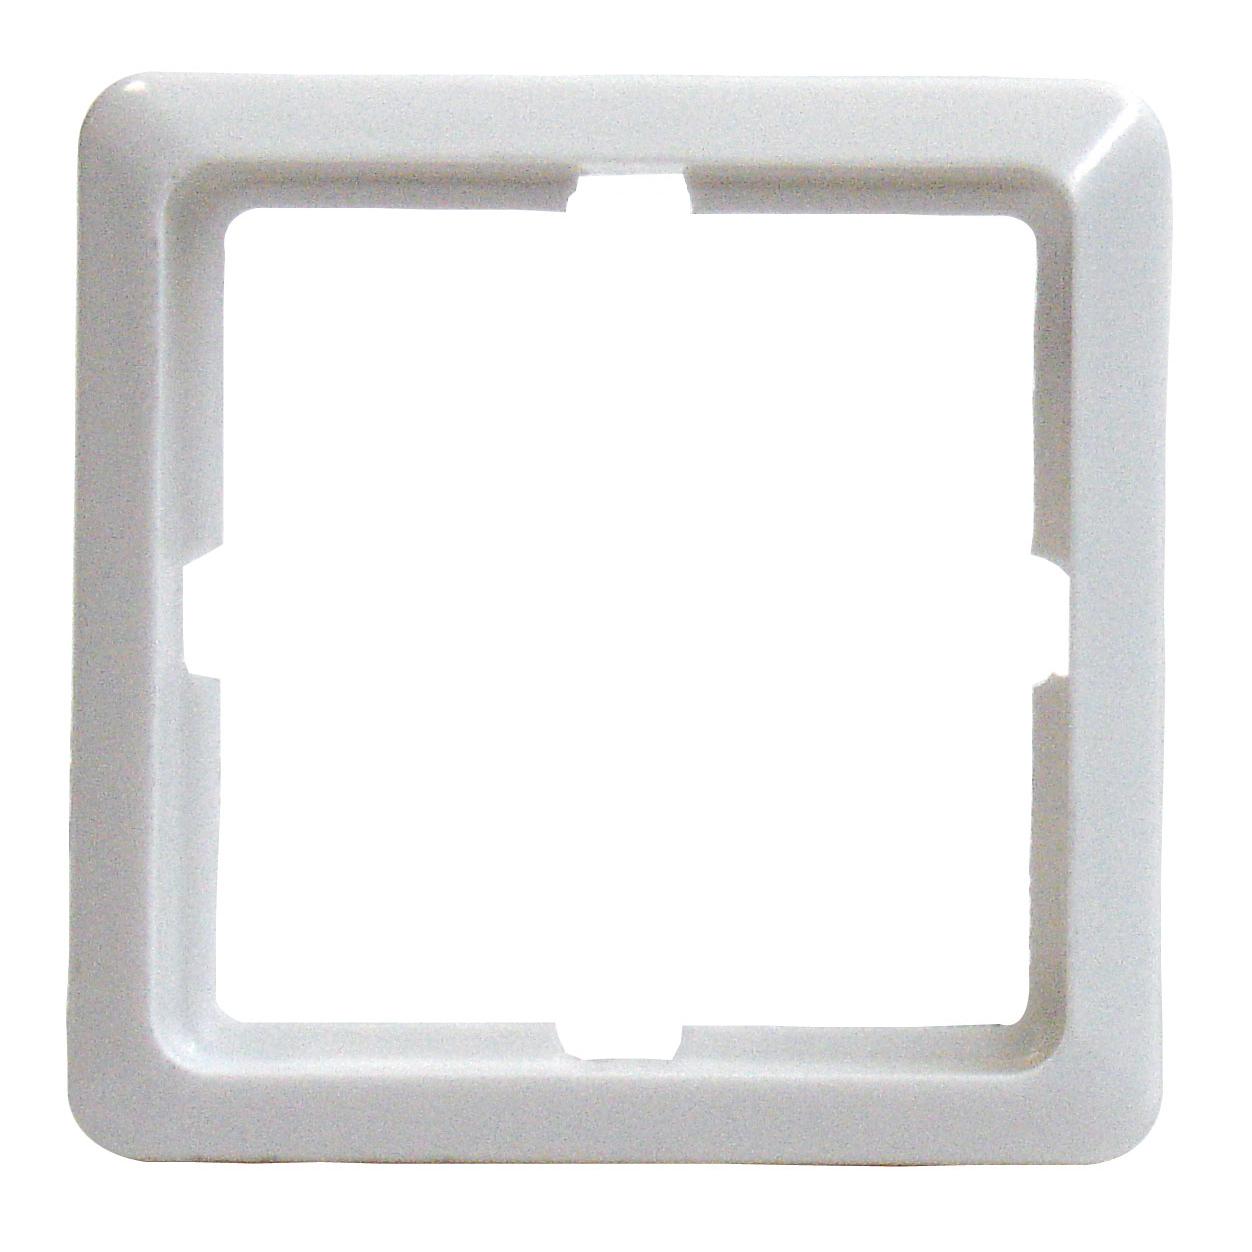 1 Stk Rahmen 1-fach, perlweiß Scala EL204110--